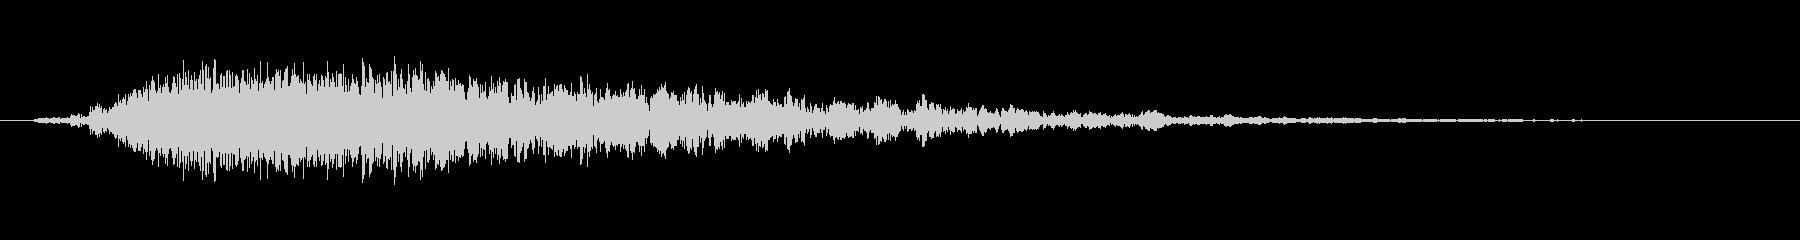 打撃 合唱団ヒットダーク01の未再生の波形